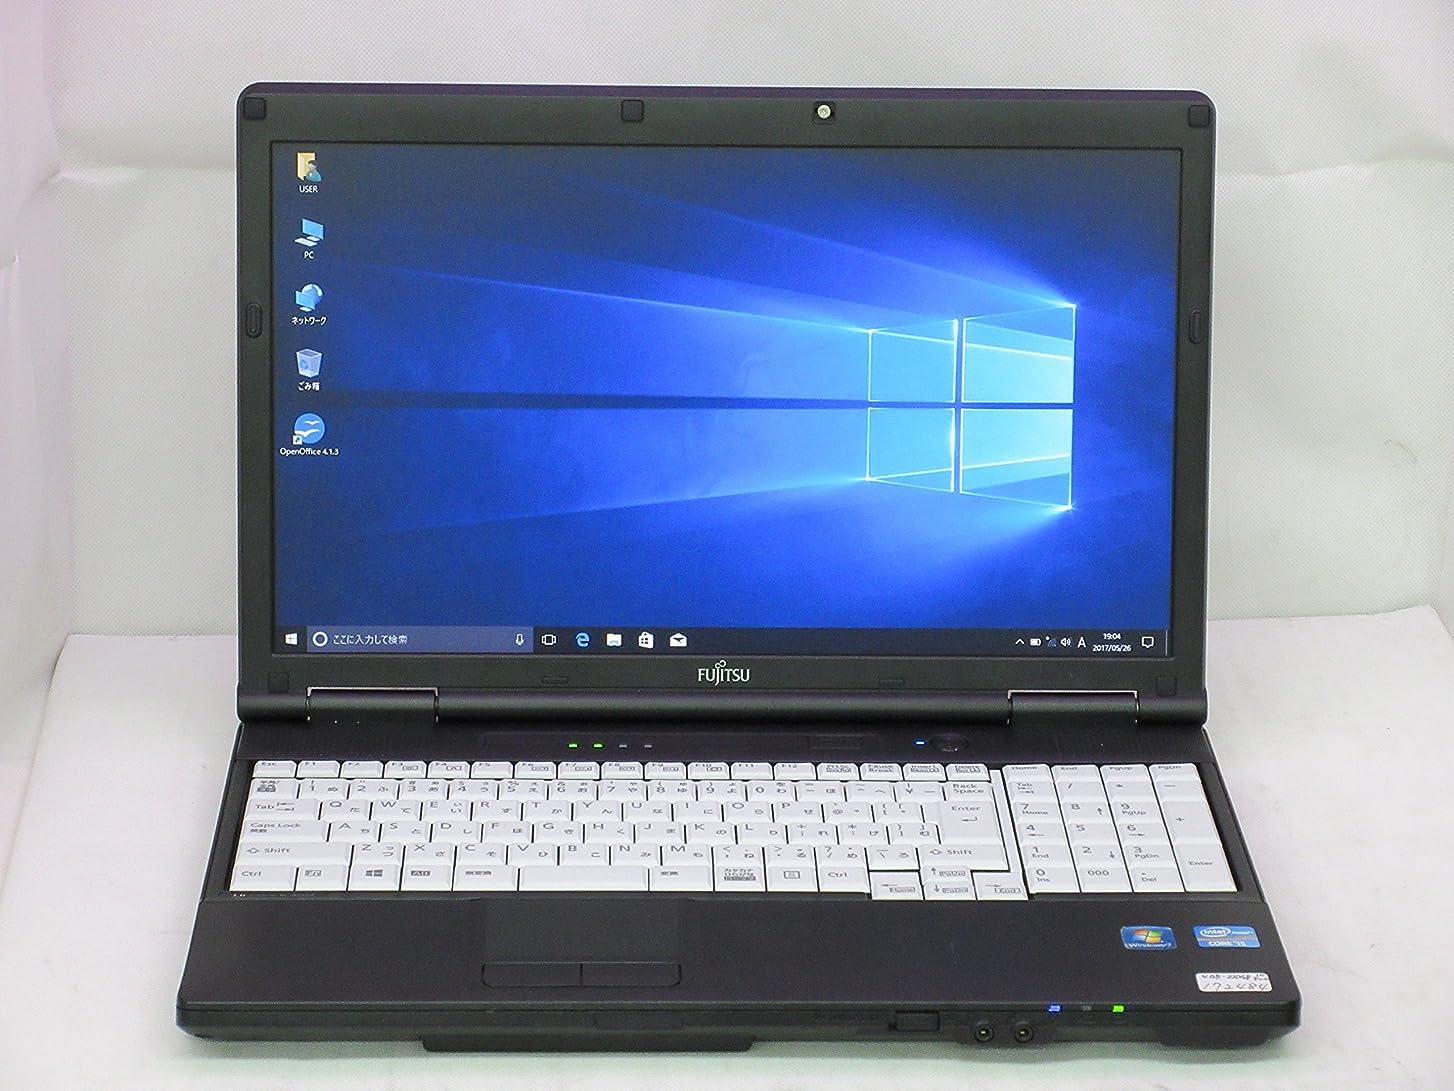 芝生クラフト懇願する【中古】 富士通 LIFEBOOK A572/F ノートパソコン Core i5 3320M 2.6GHz メモリ4GB 320GBHDD DVDスーパーマルチ Windows10 Professional 64bit FMVNA7HE